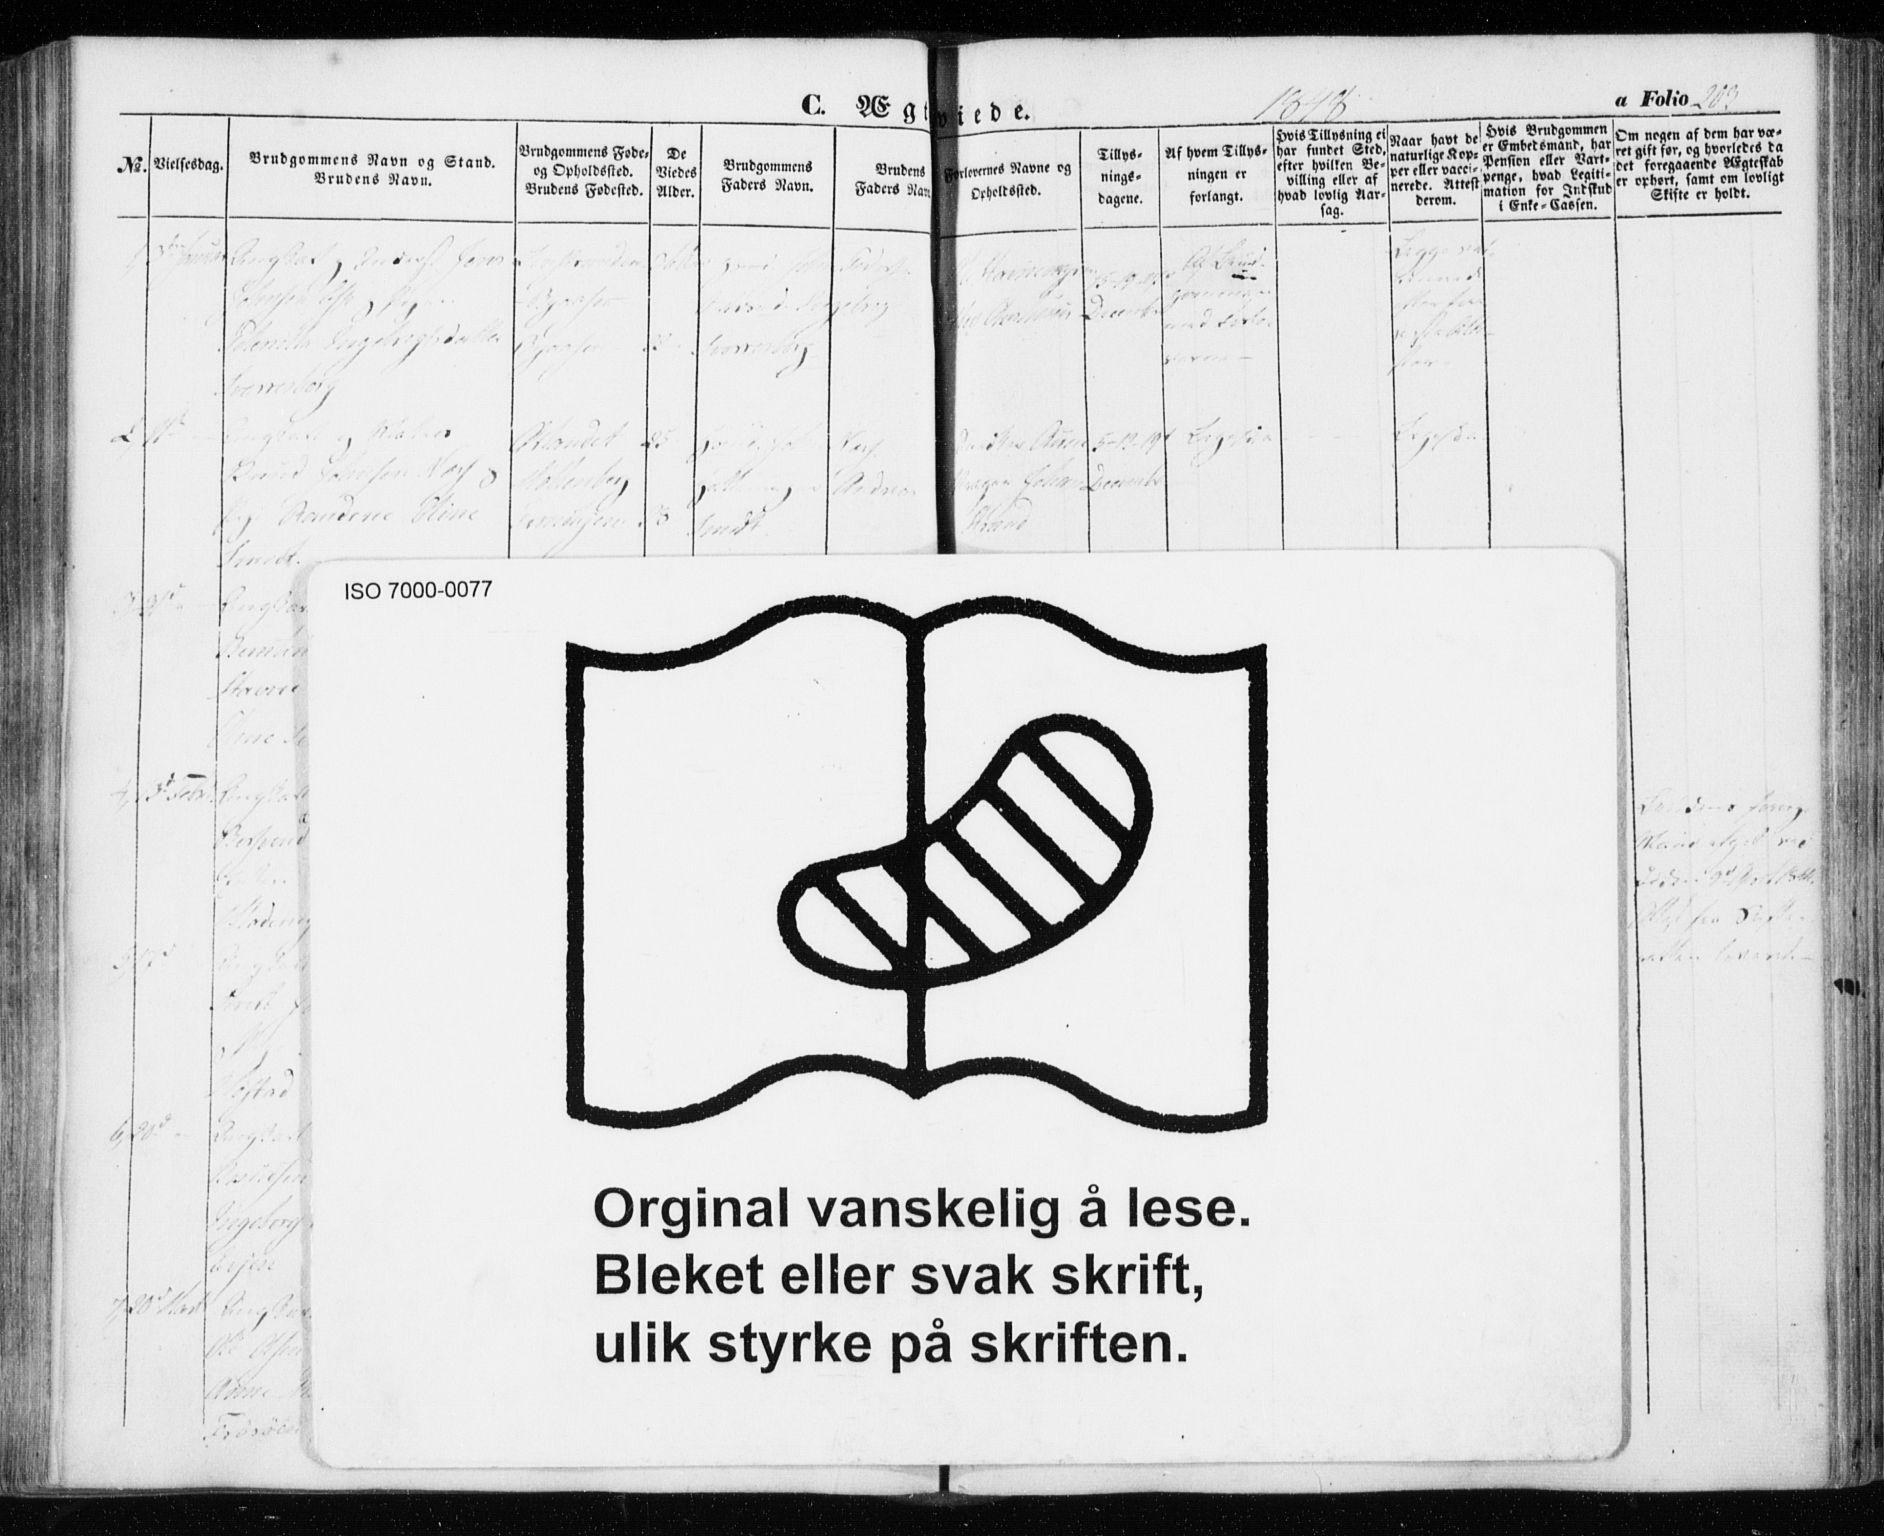 SAT, Ministerialprotokoller, klokkerbøker og fødselsregistre - Sør-Trøndelag, 606/L0291: Ministerialbok nr. 606A06, 1848-1856, s. 203